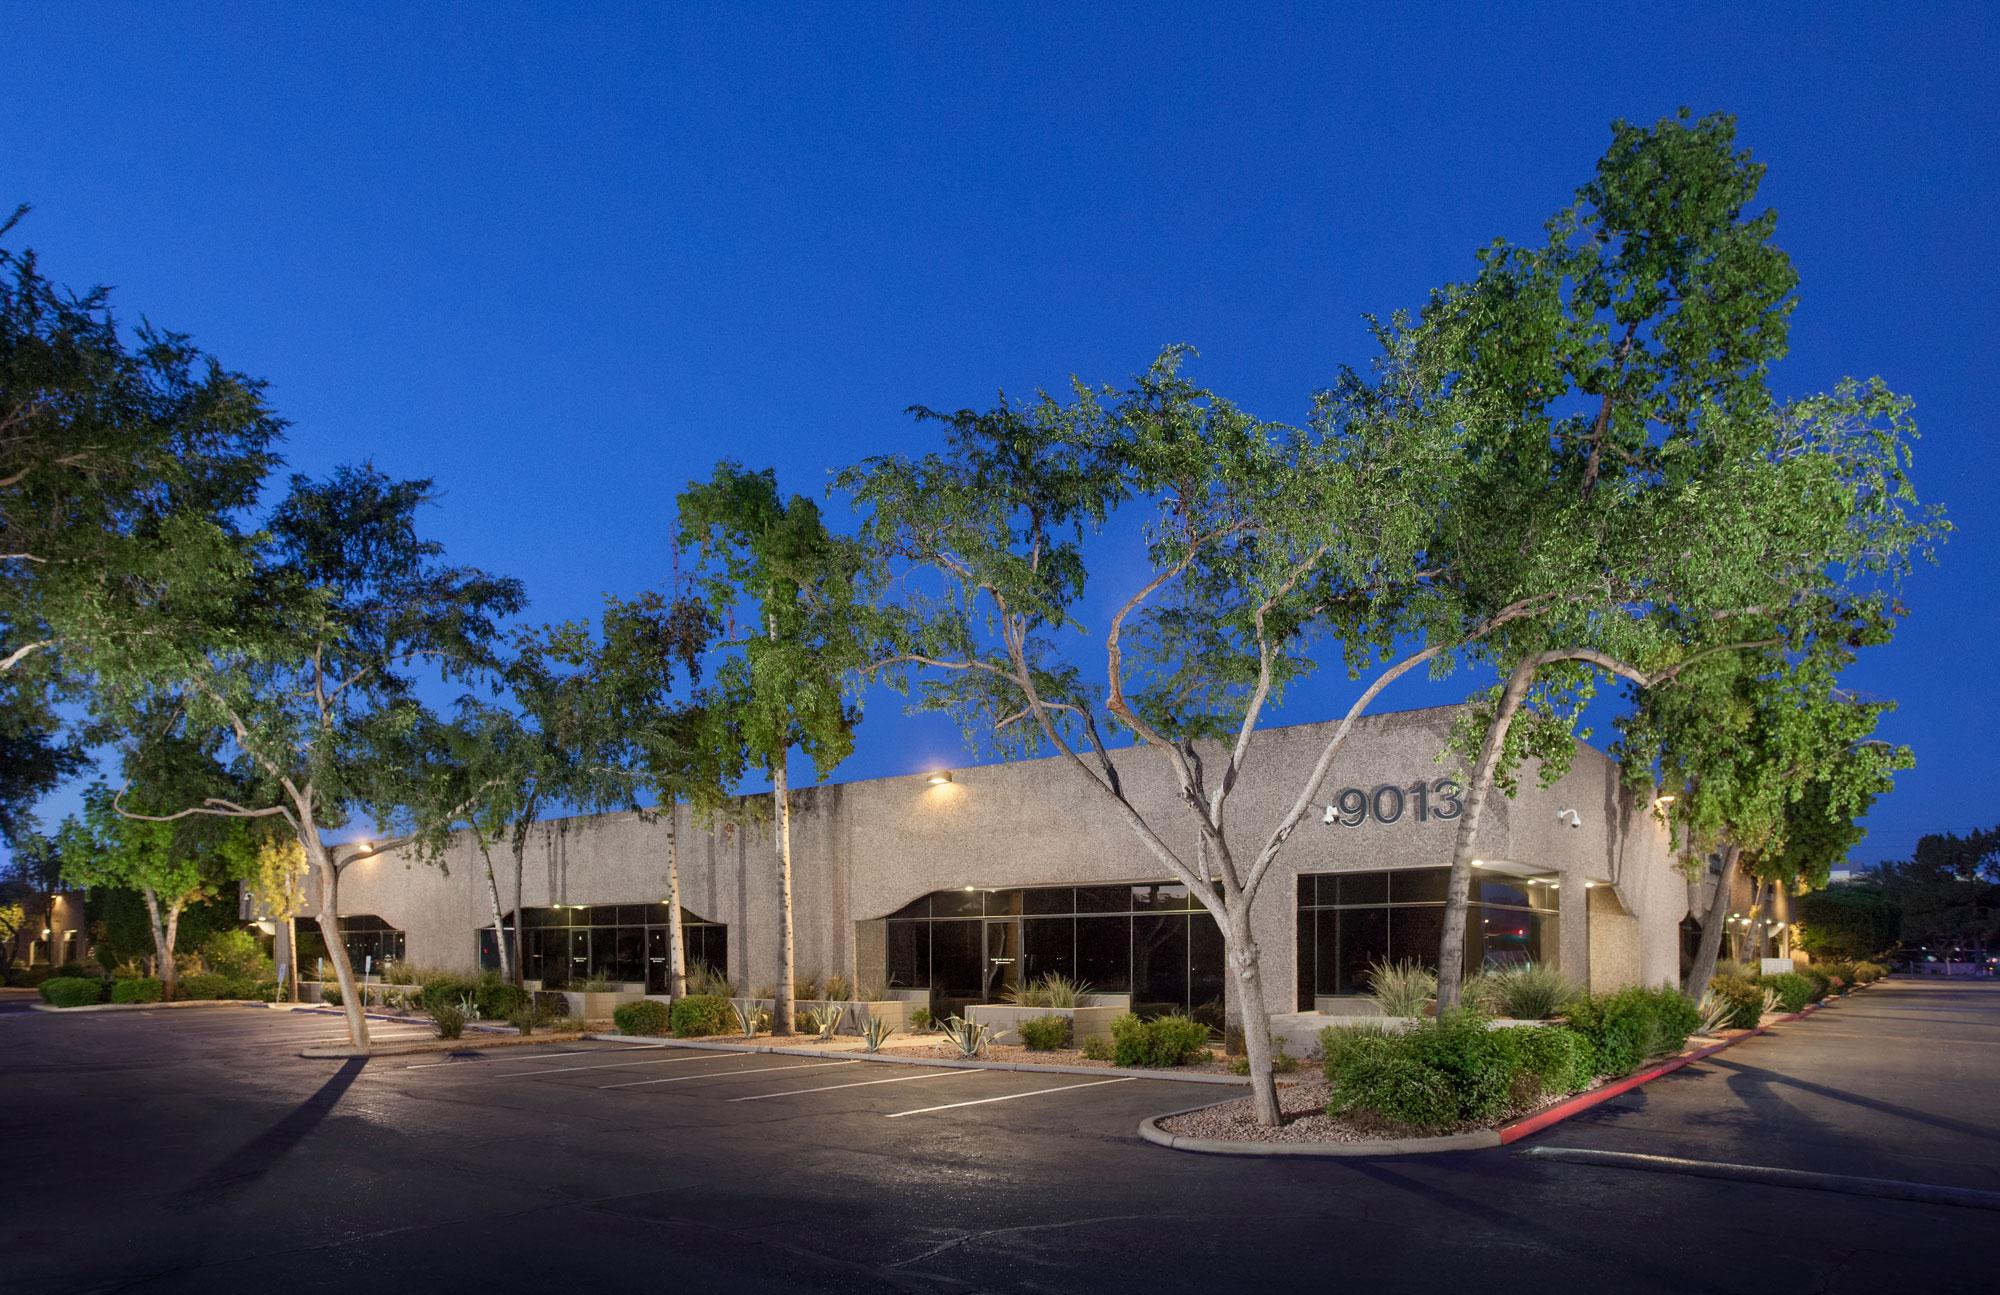 BKM North West Business Center